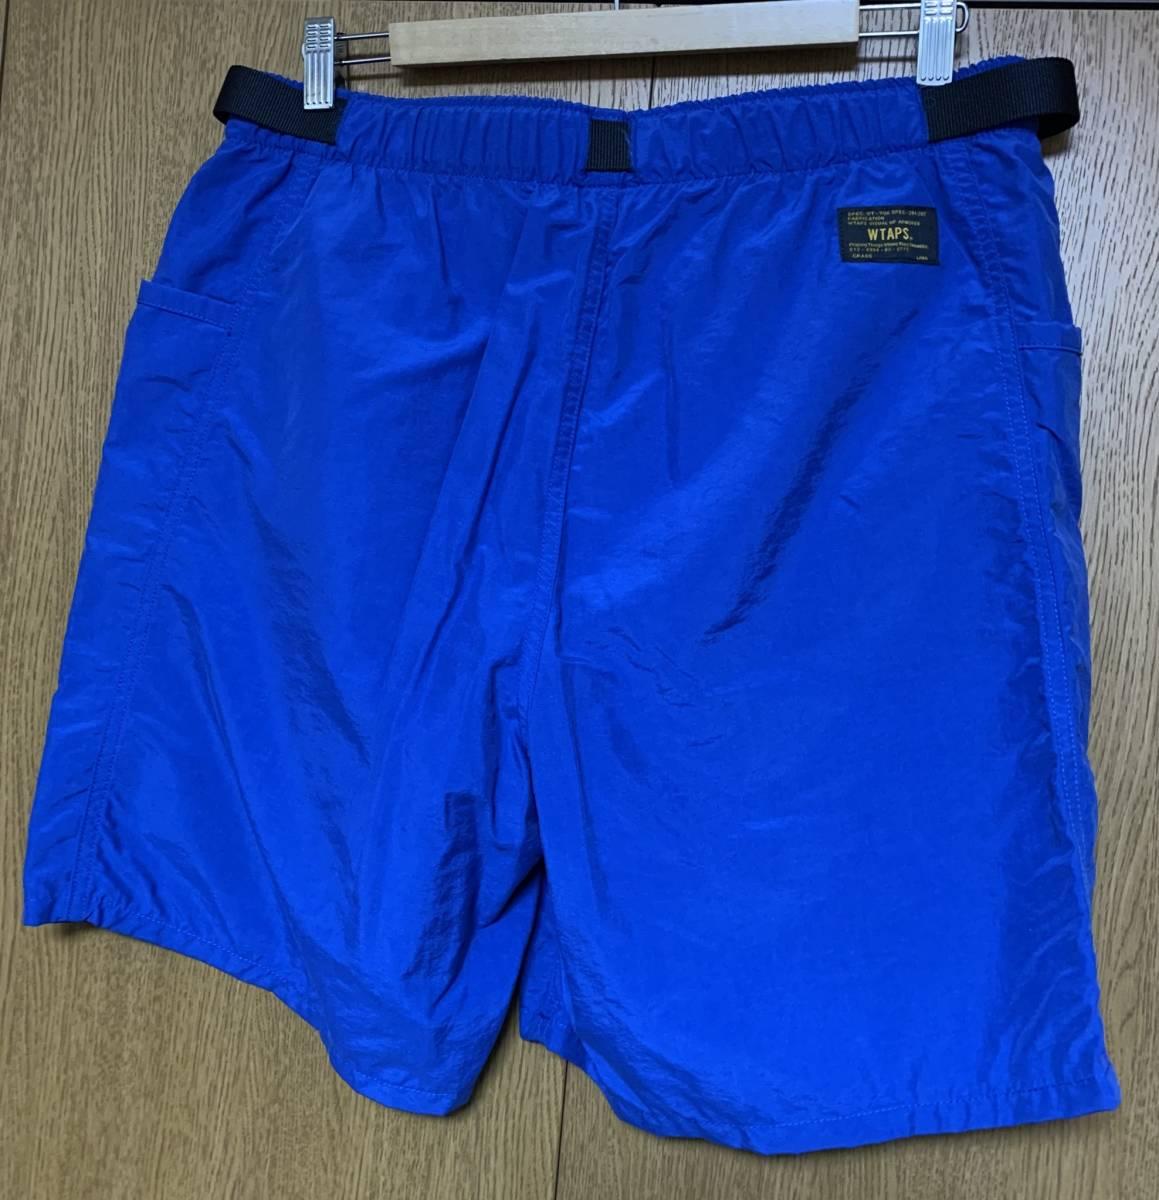 WTAPS ダブルタップス BOARD SHORTS NYLON TUSSAH 14 ショーツ 即決 BLUE ブルー L 3 ハーフパンツ ナイロン パンツ 中古 ボード 青 正規品_画像2